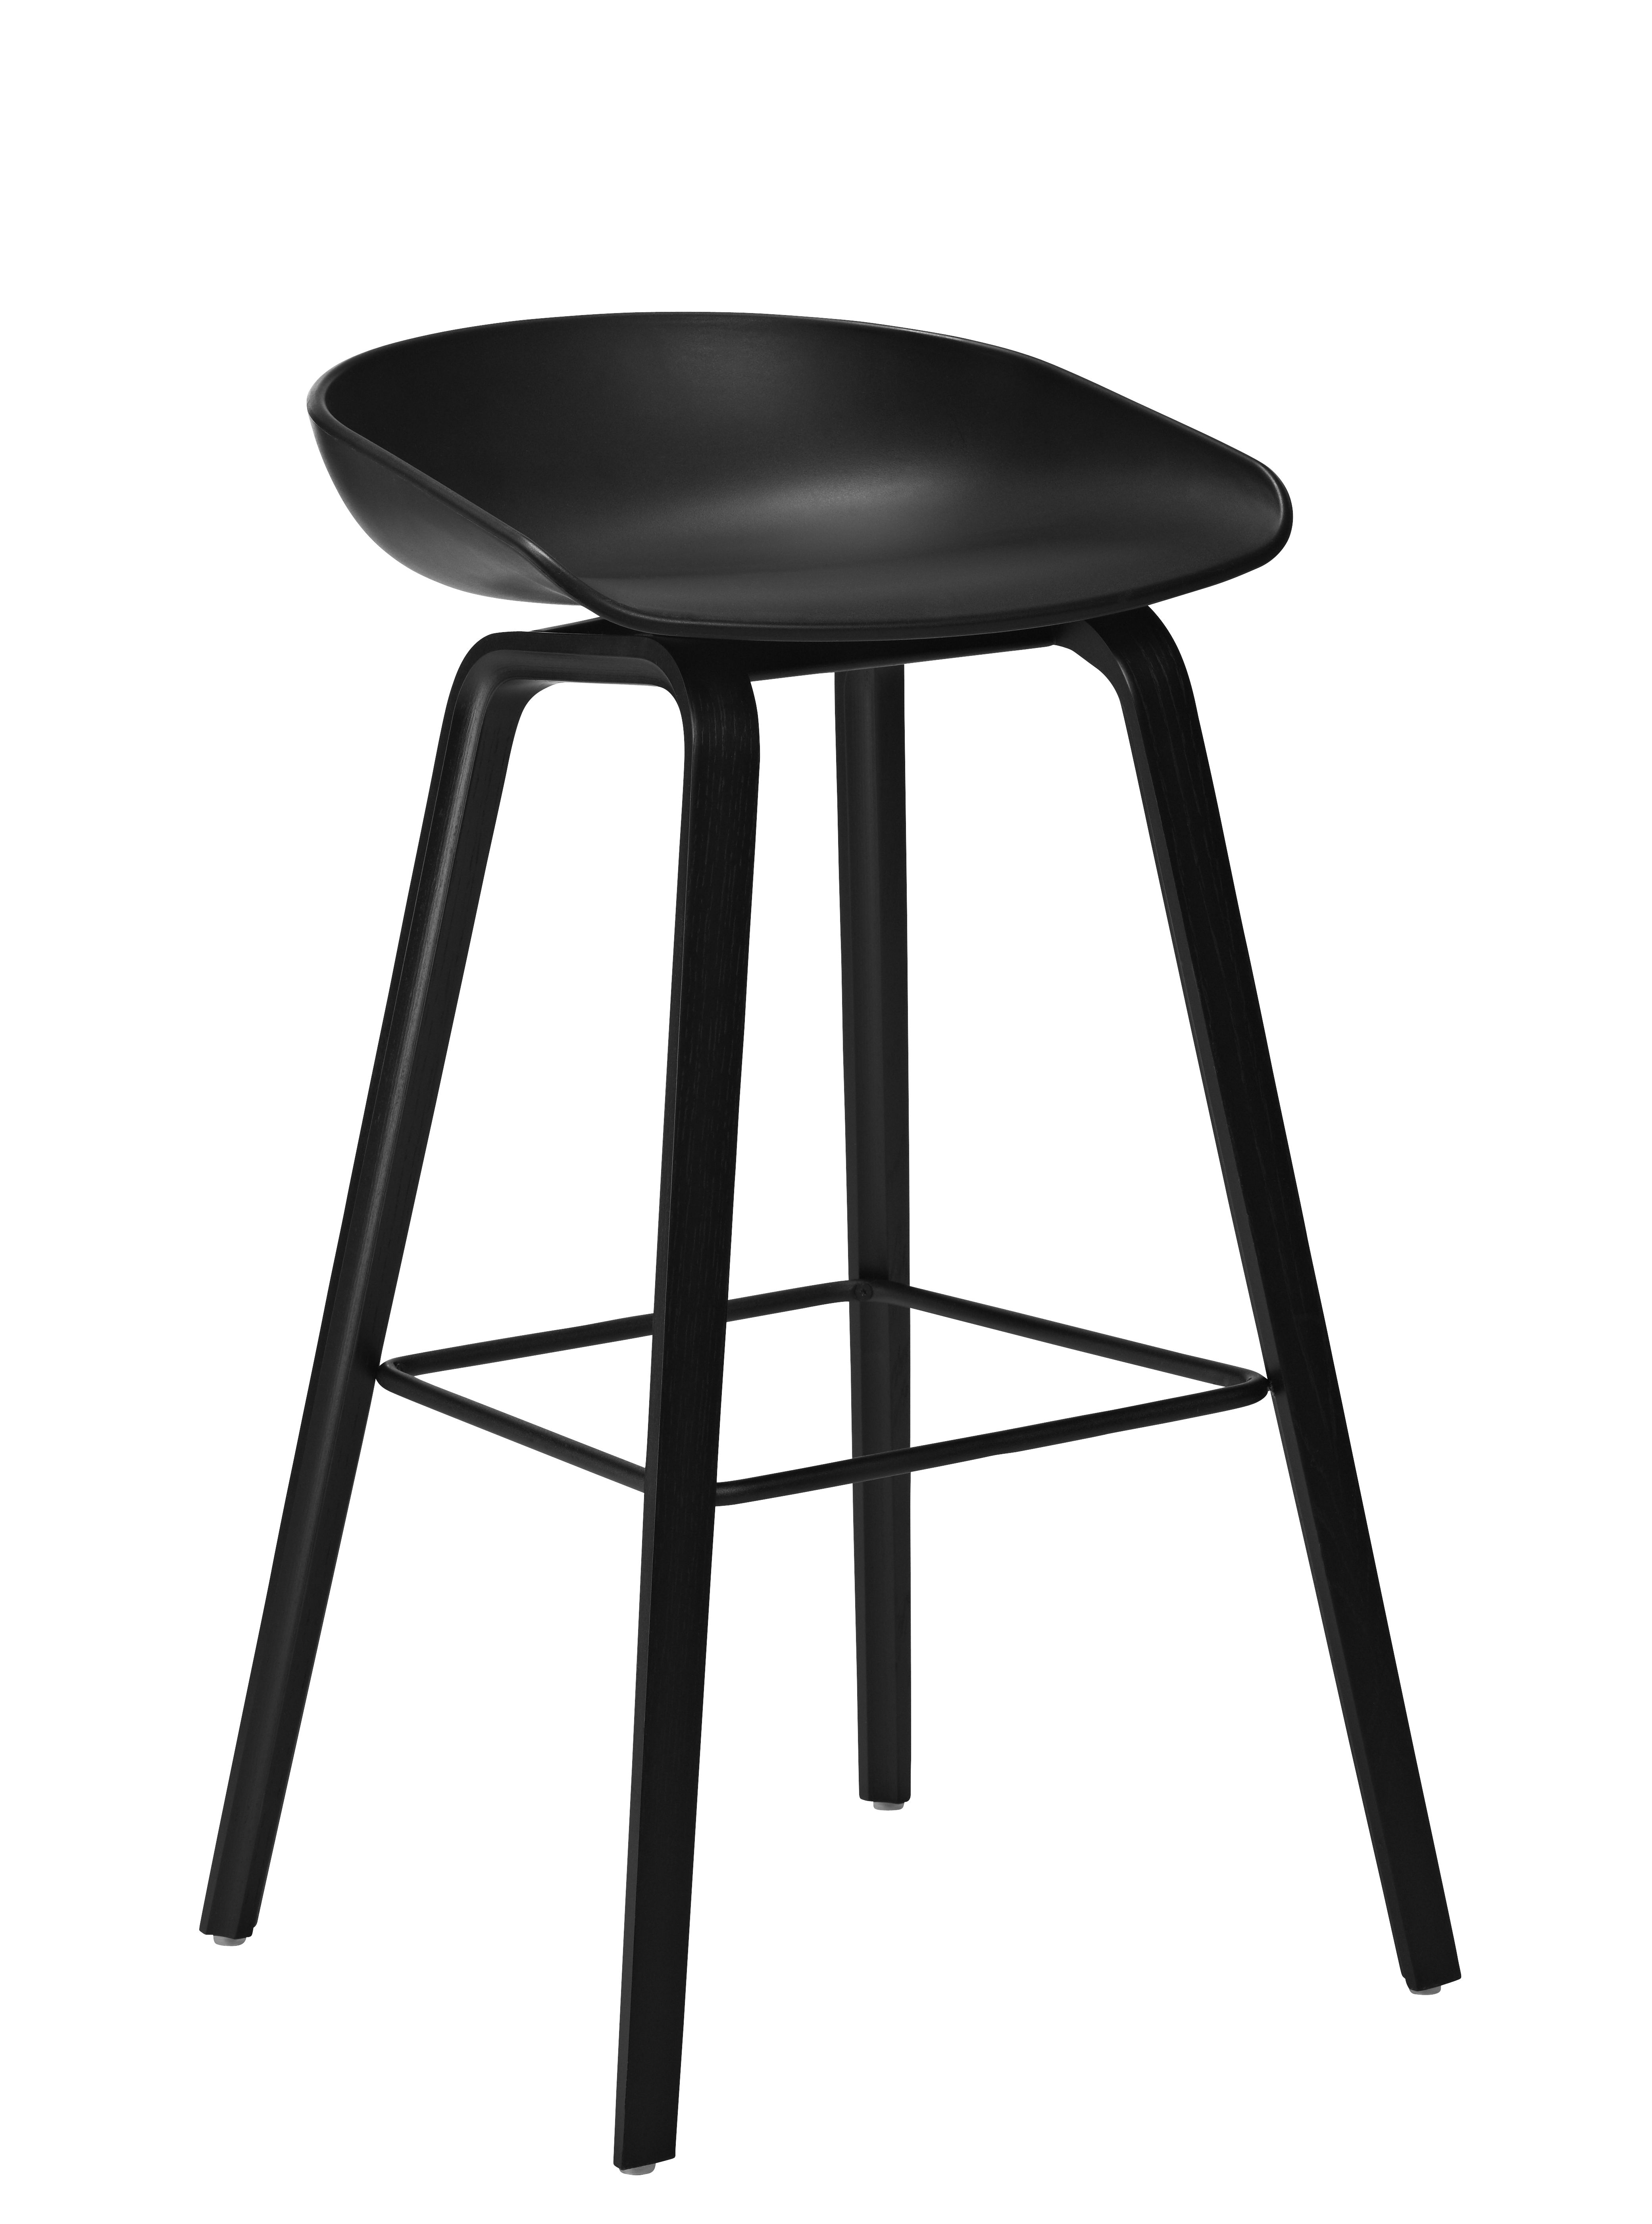 Mobilier - Tabourets de bar - Tabouret de bar About a stool AAS 32 / H 65 cm - Plastique & pieds bois - Hay - Noir / Pieds noirs - Frêne naturel, Polypropylène